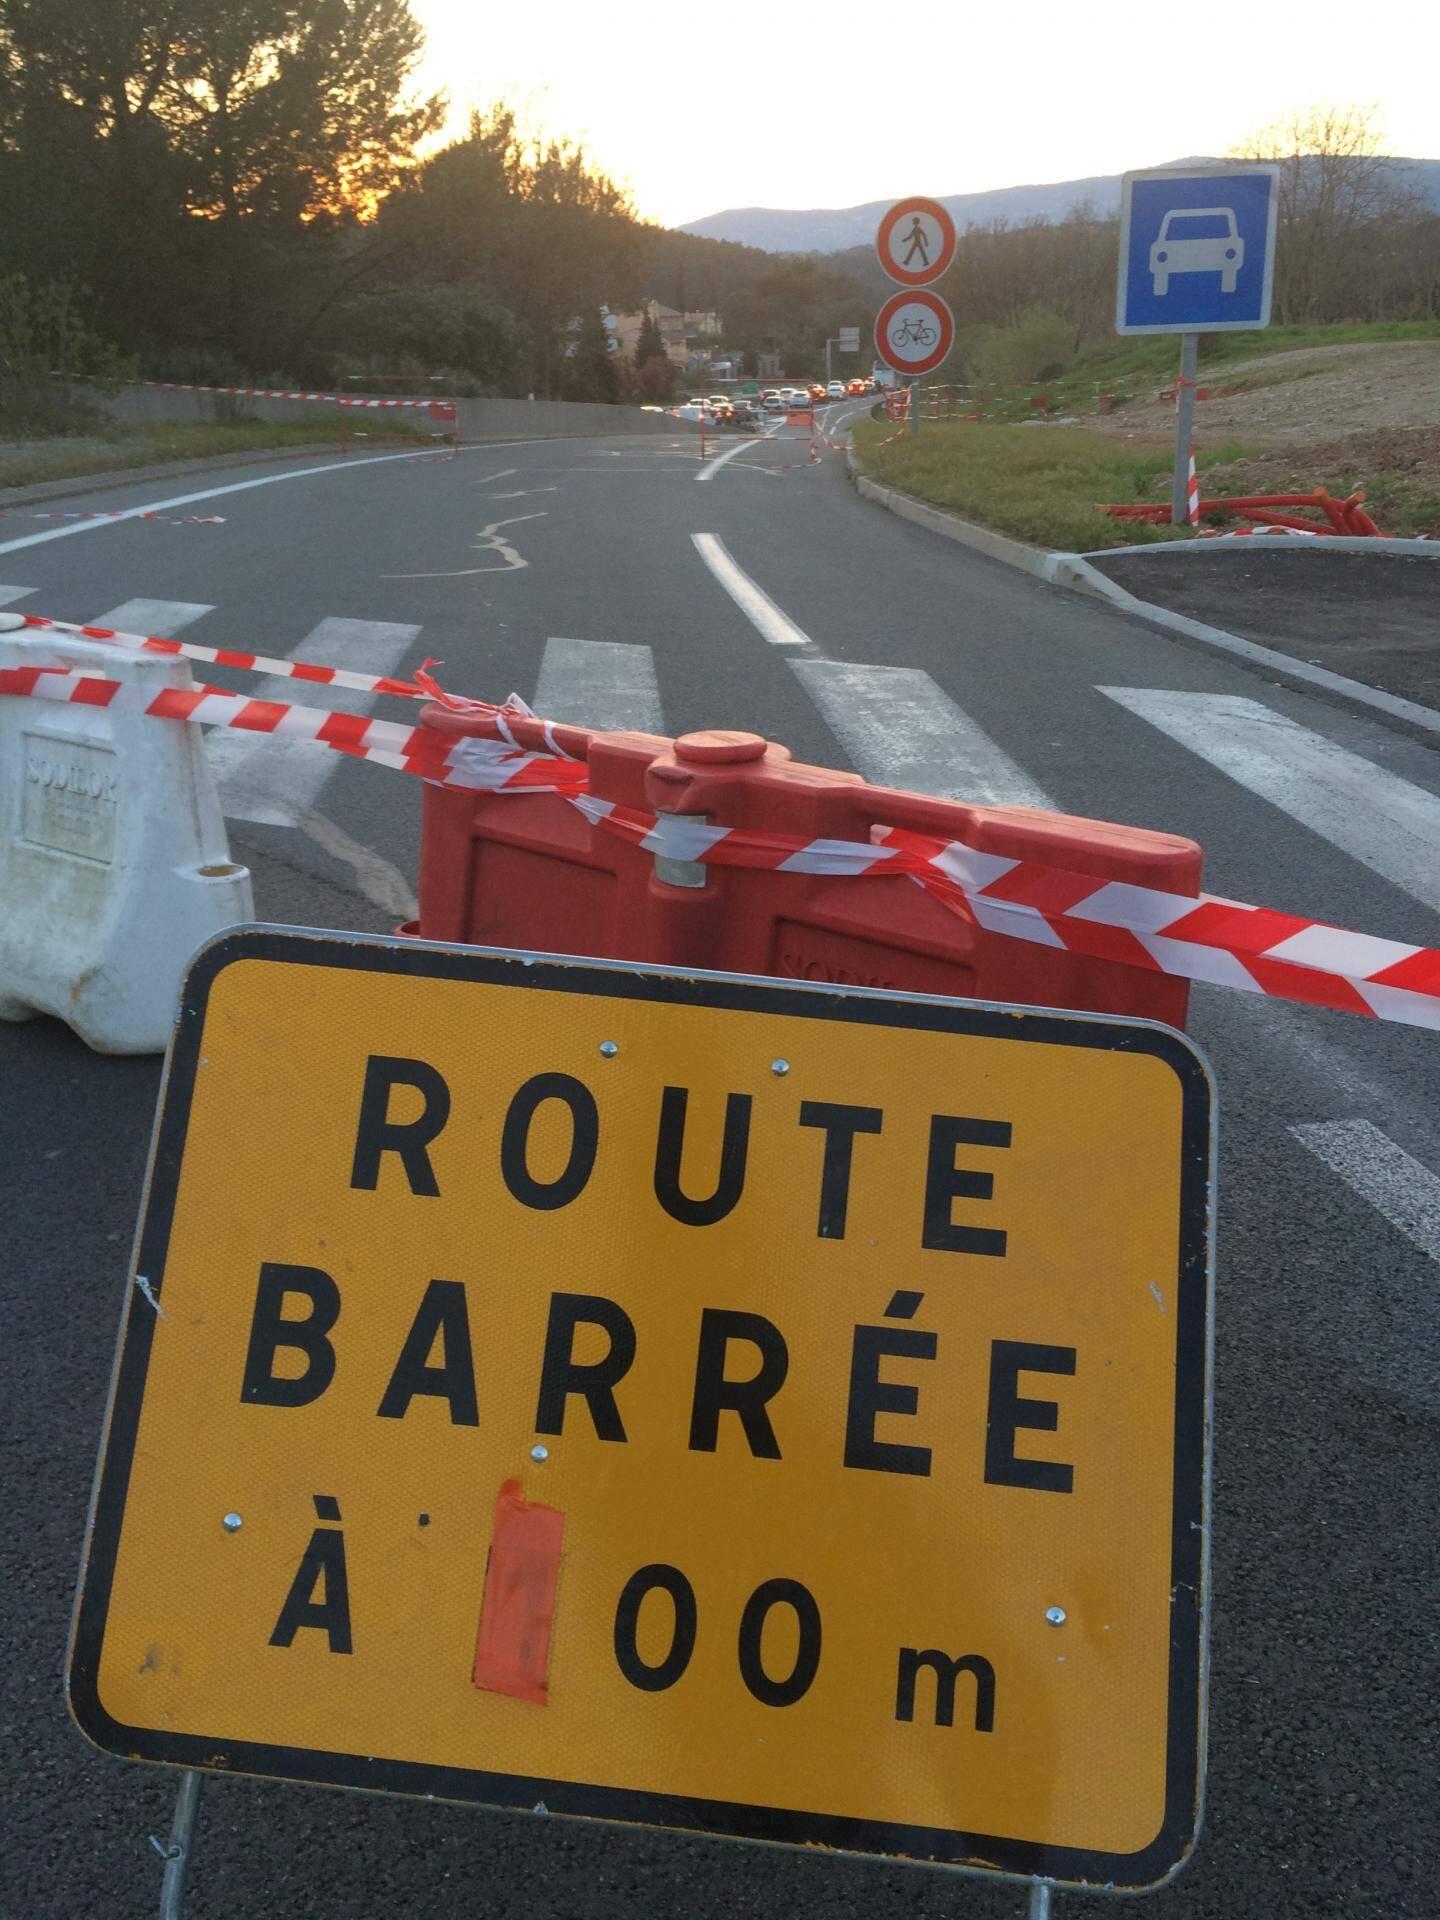 L'accident, survenu cet après-midi provoque toujours d'importants embouteillages.